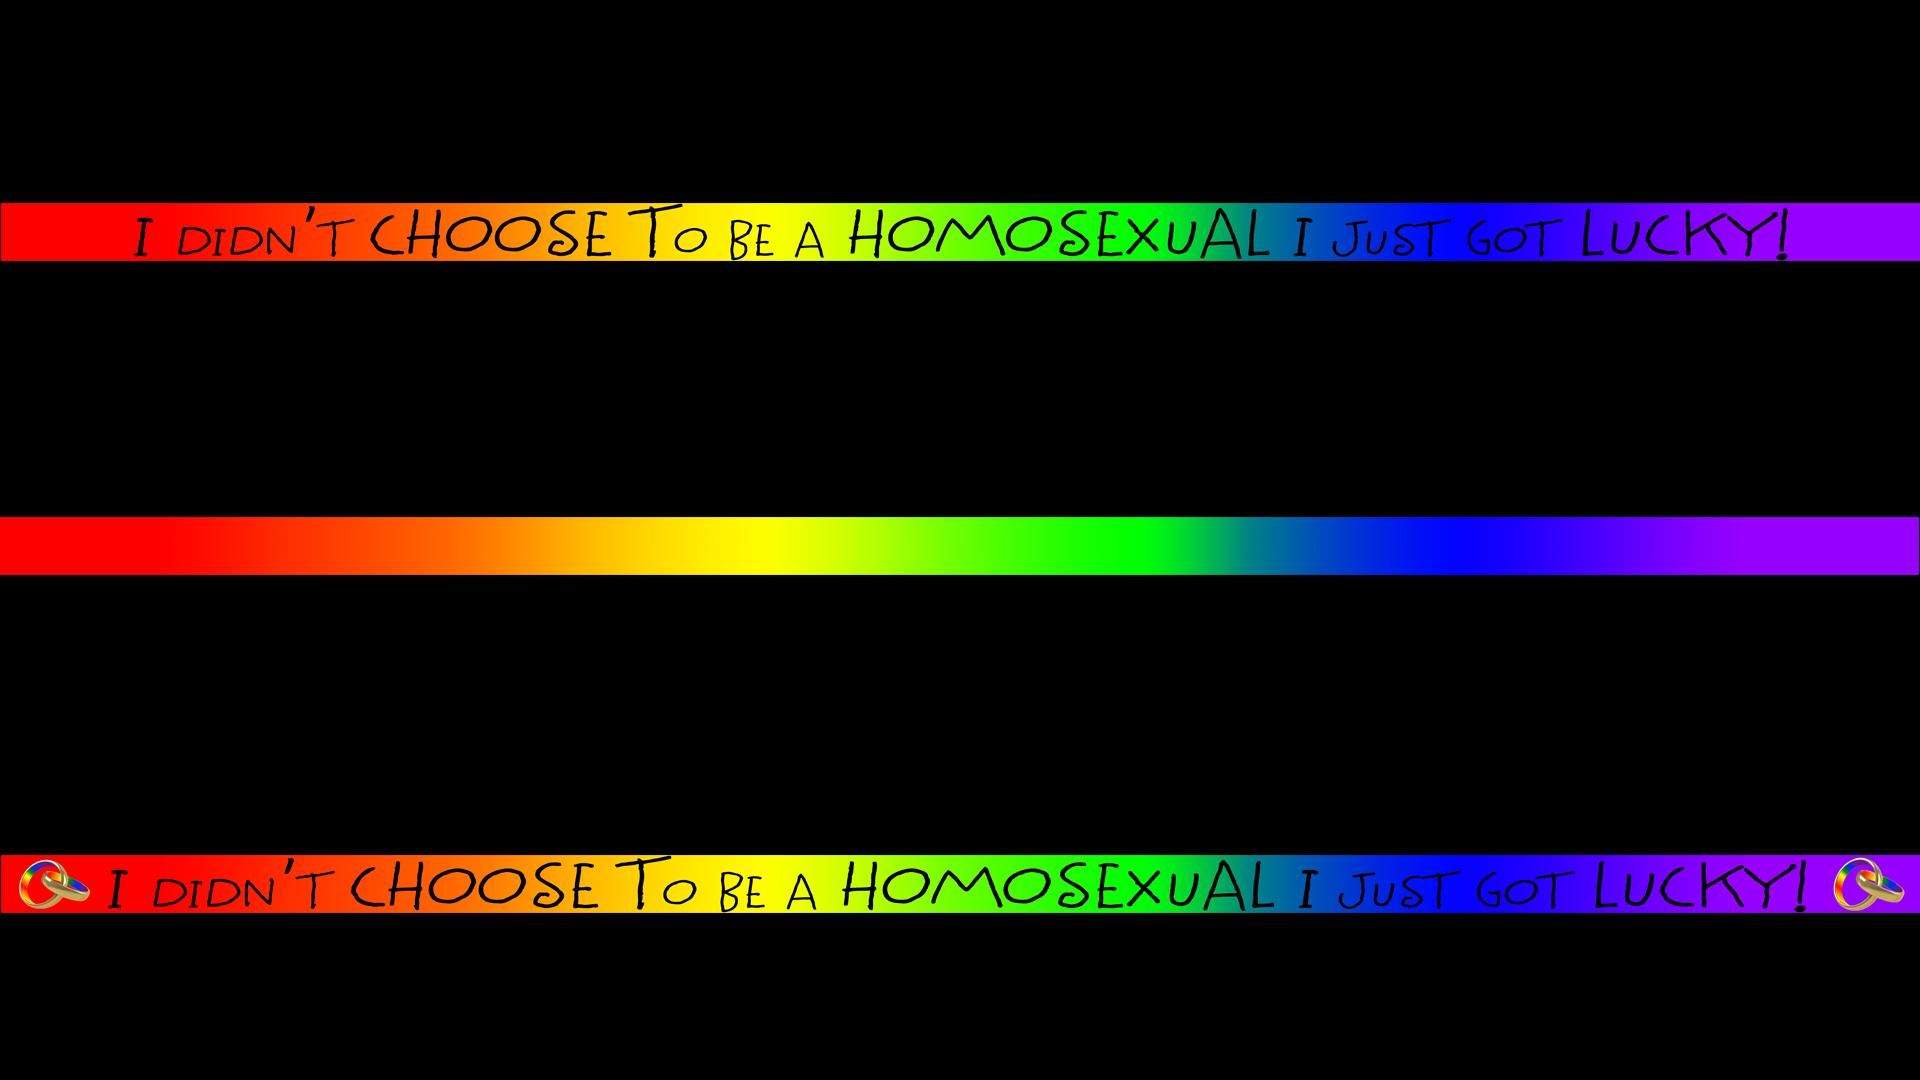 Gay Pride Rainbow by oxygenhazard 1920x1080